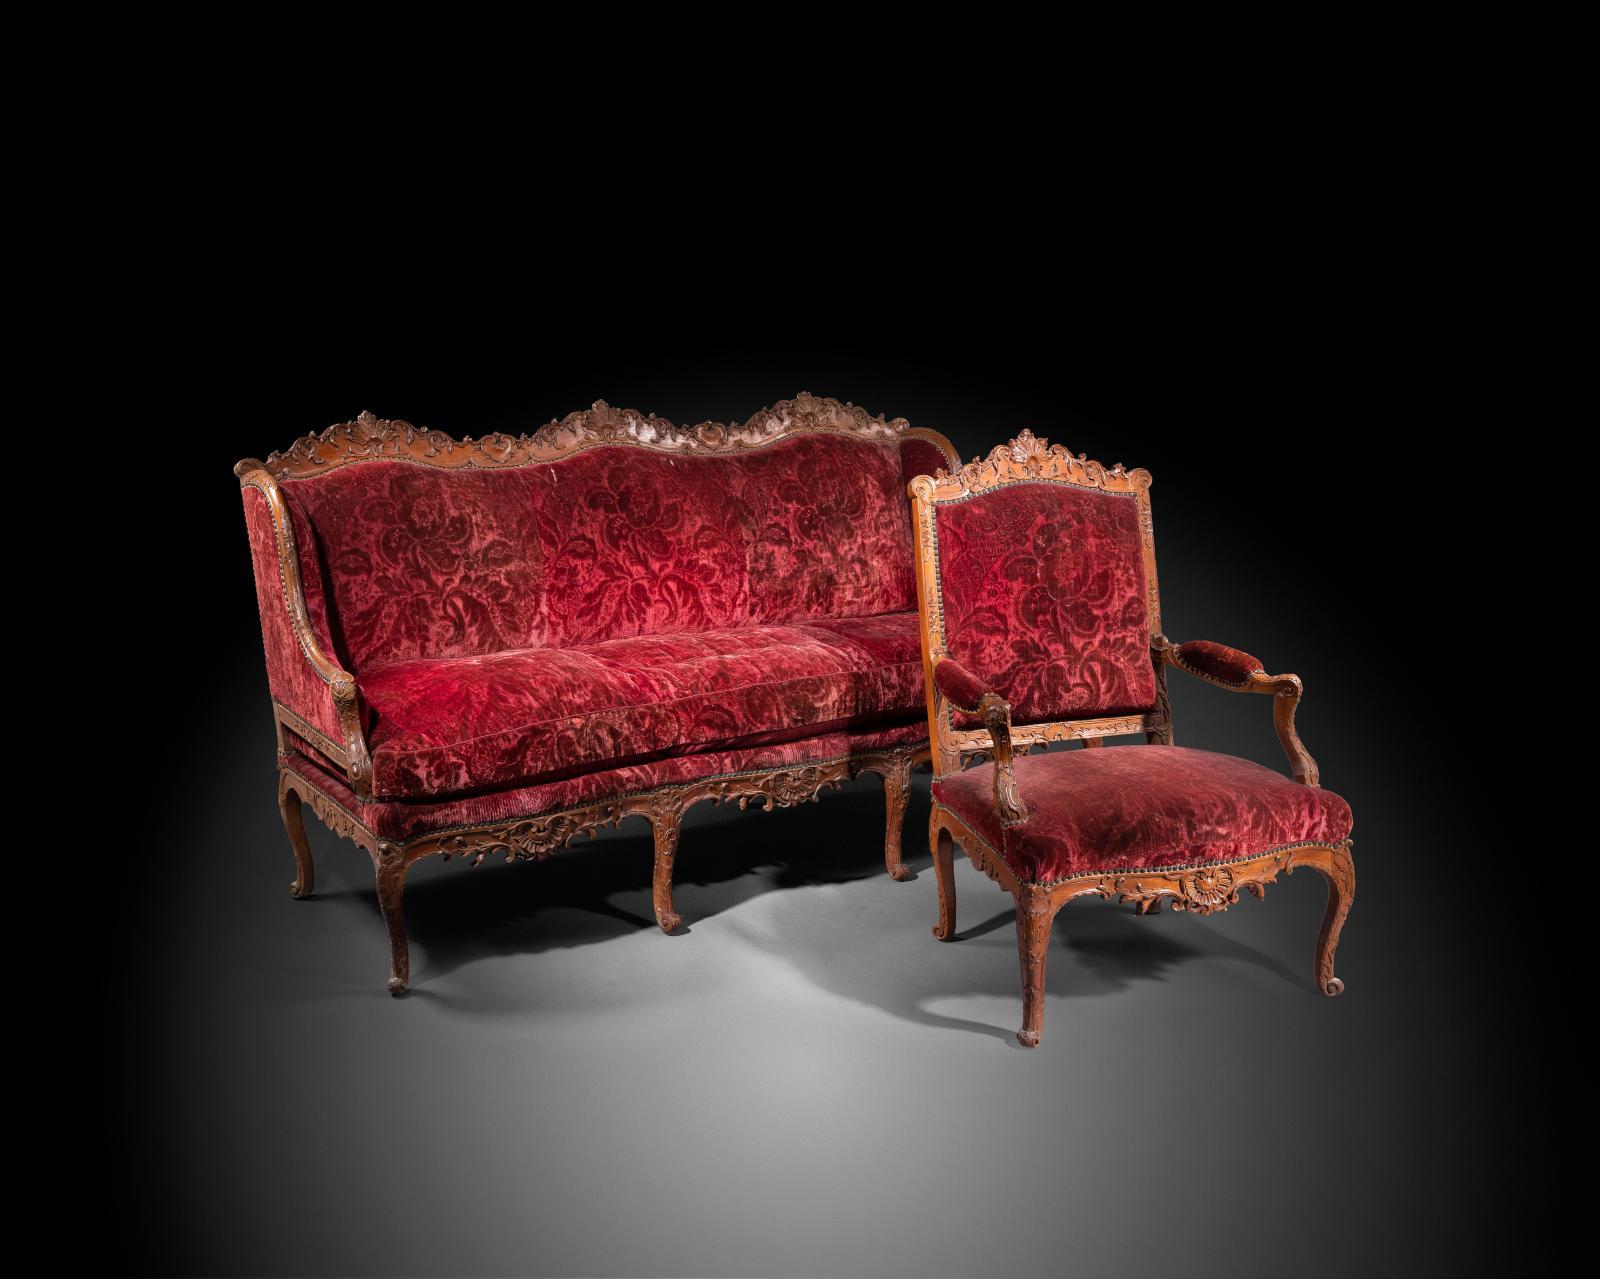 Mobilier de salon en hêtre naturel sculpté, époque Régence,composé de six fauteuils et d'un canapé à triple évolution, garniture de velours cramoisi a